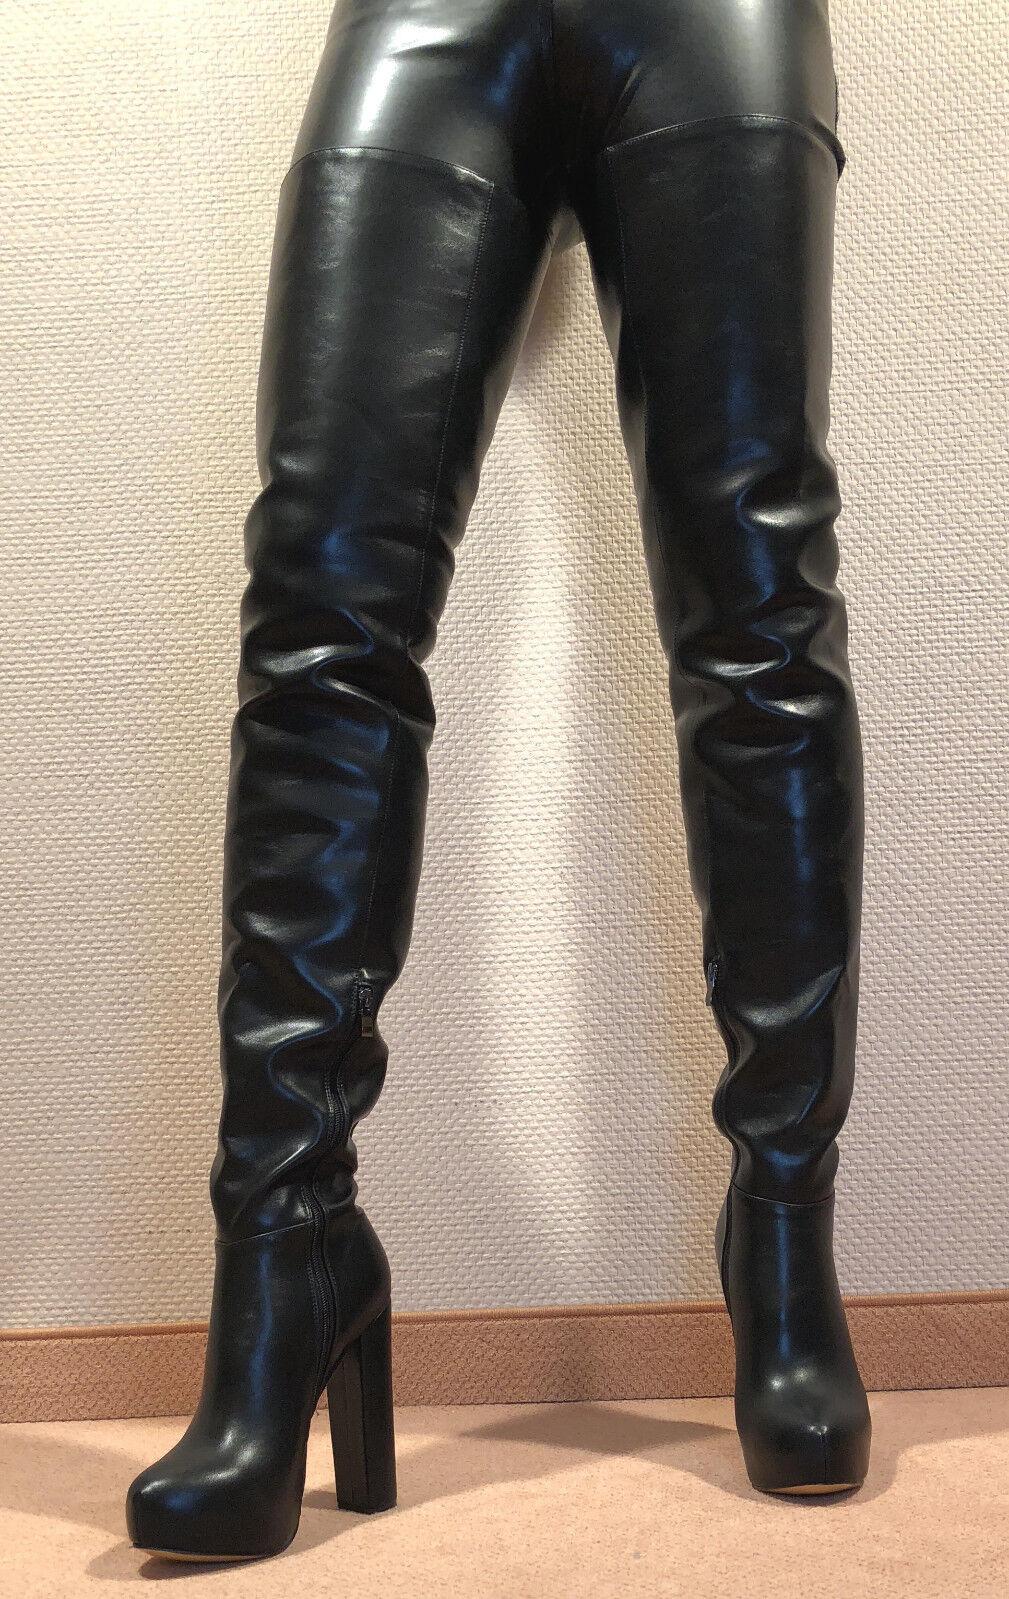 Gr.42 TOP   Exklusiv Sexy Sexy Sexy Damen Schuhe Overknee Stiletto Stiefel Männer Stiefel D4   75edb1